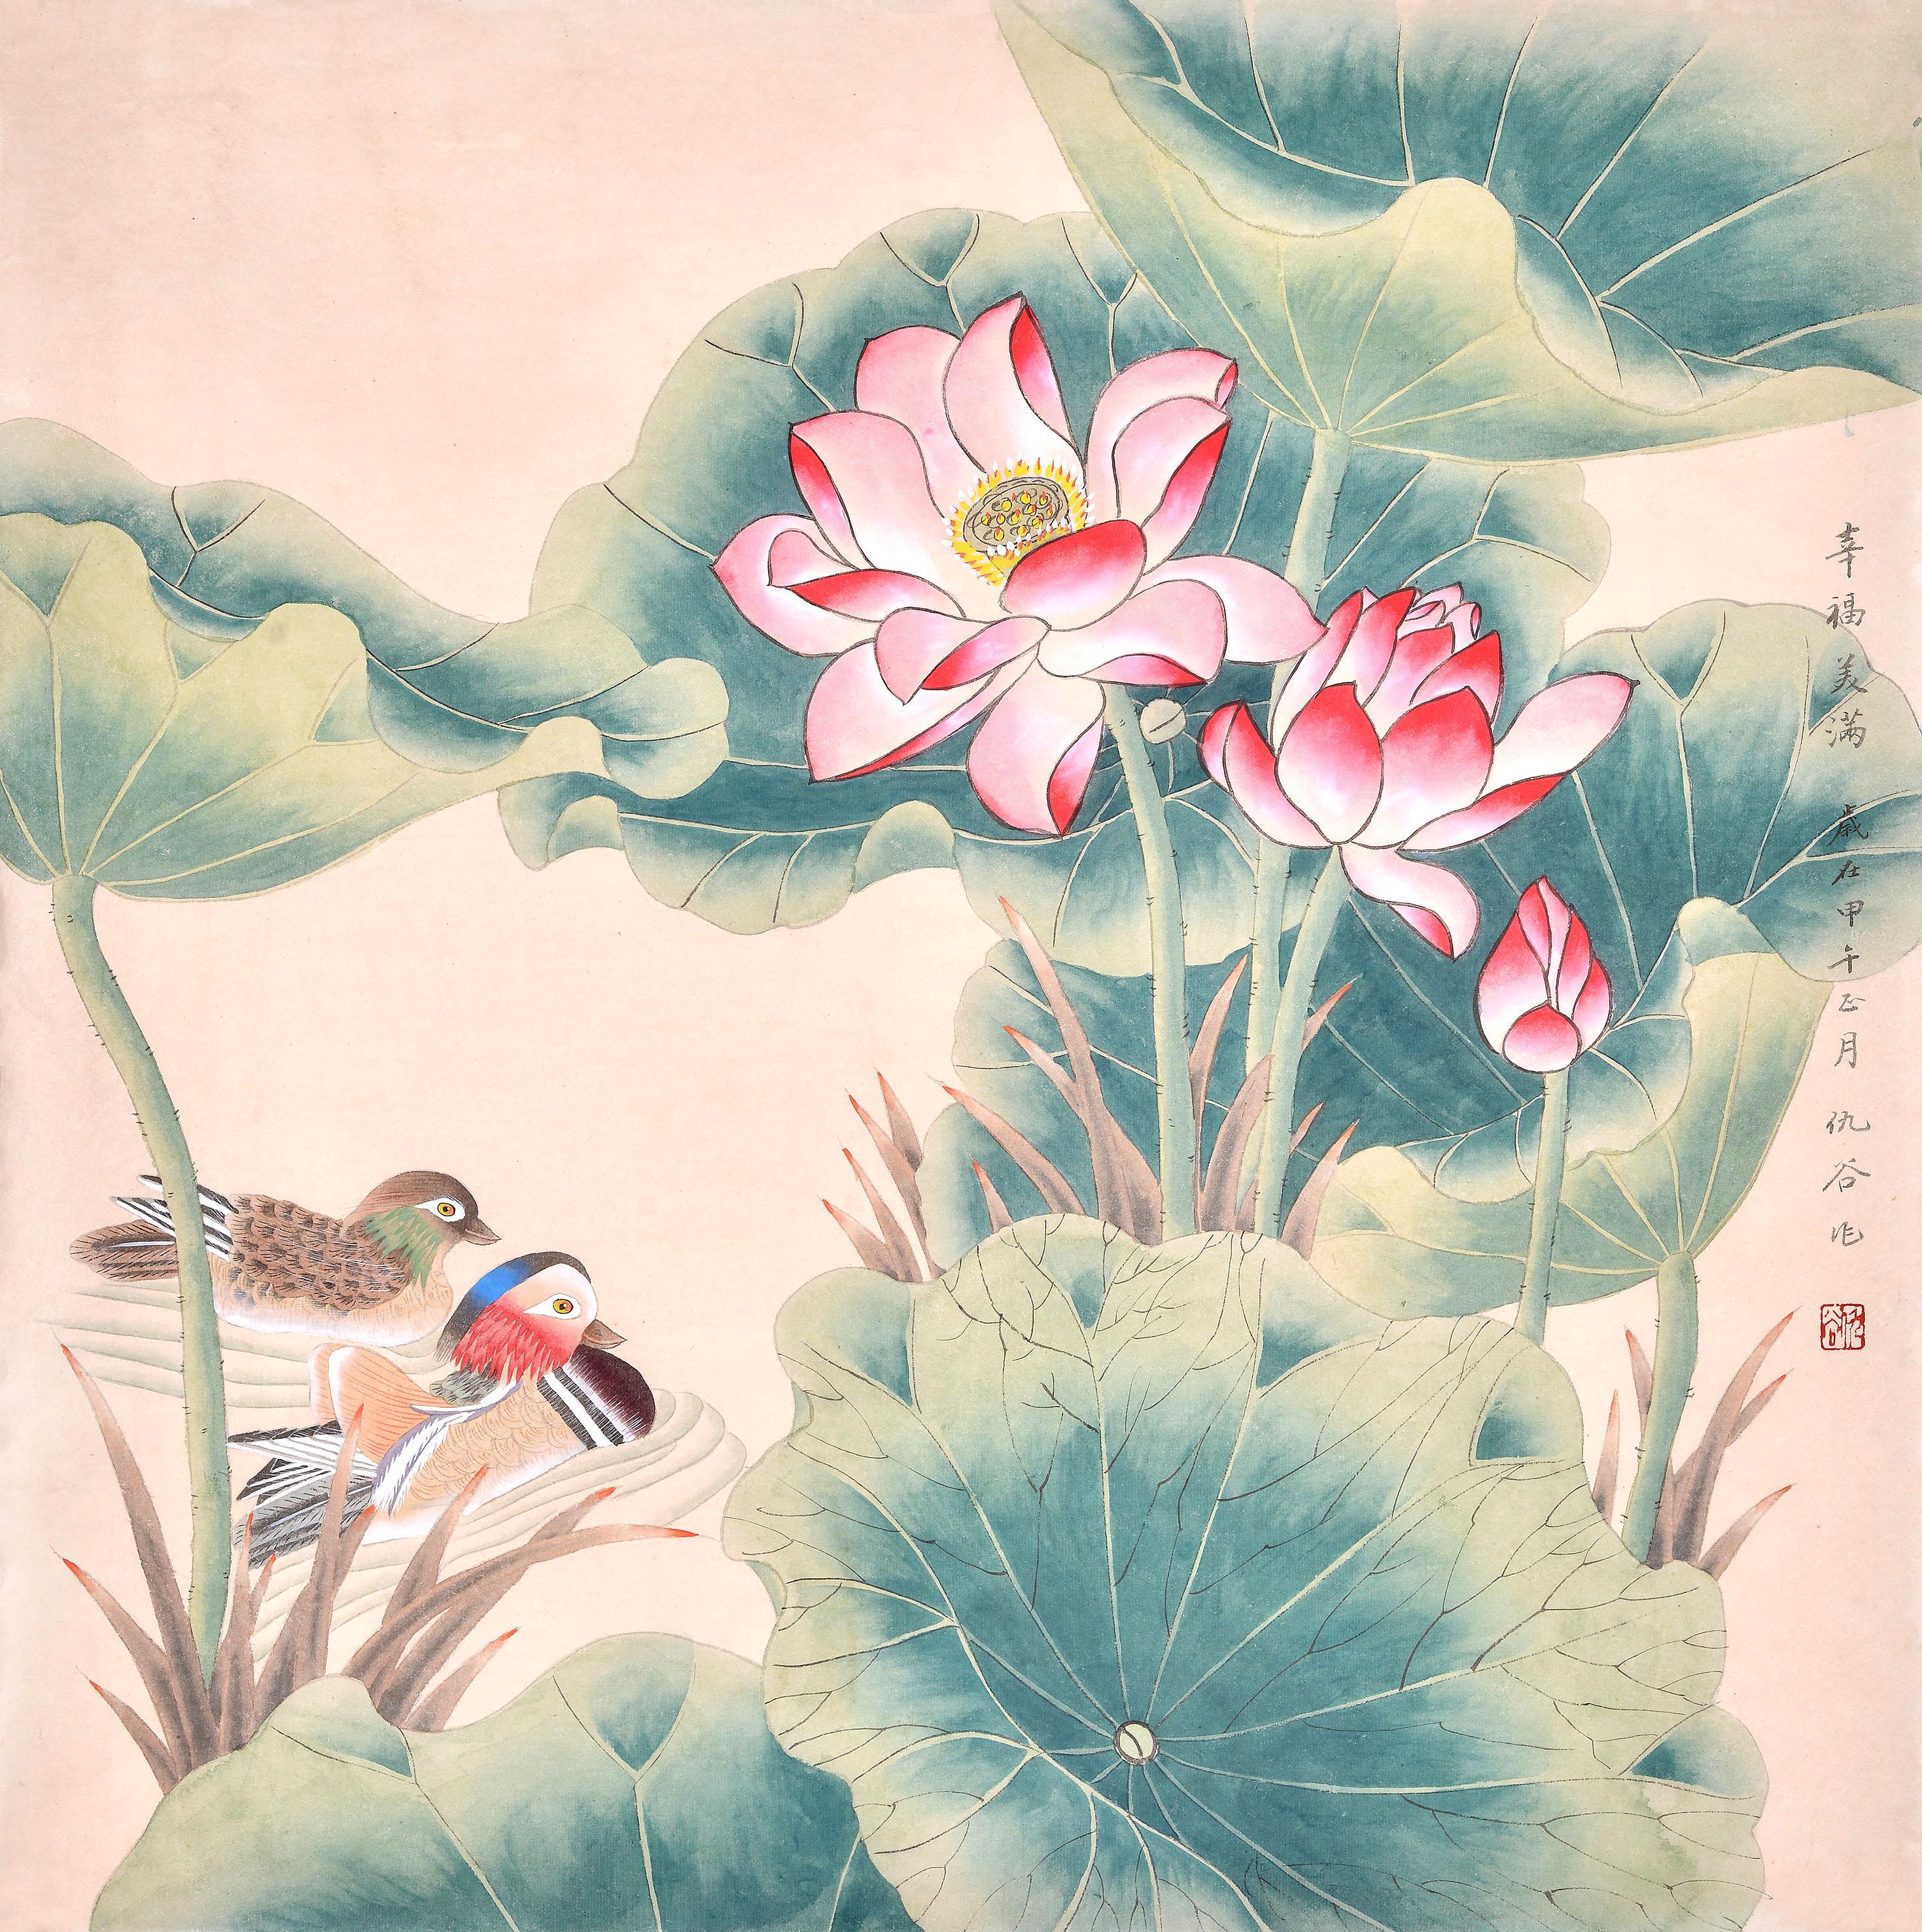 比如花鸟画牡丹图不宜悬挂在客厅西方,因为牡丹图五行属木,西方为金